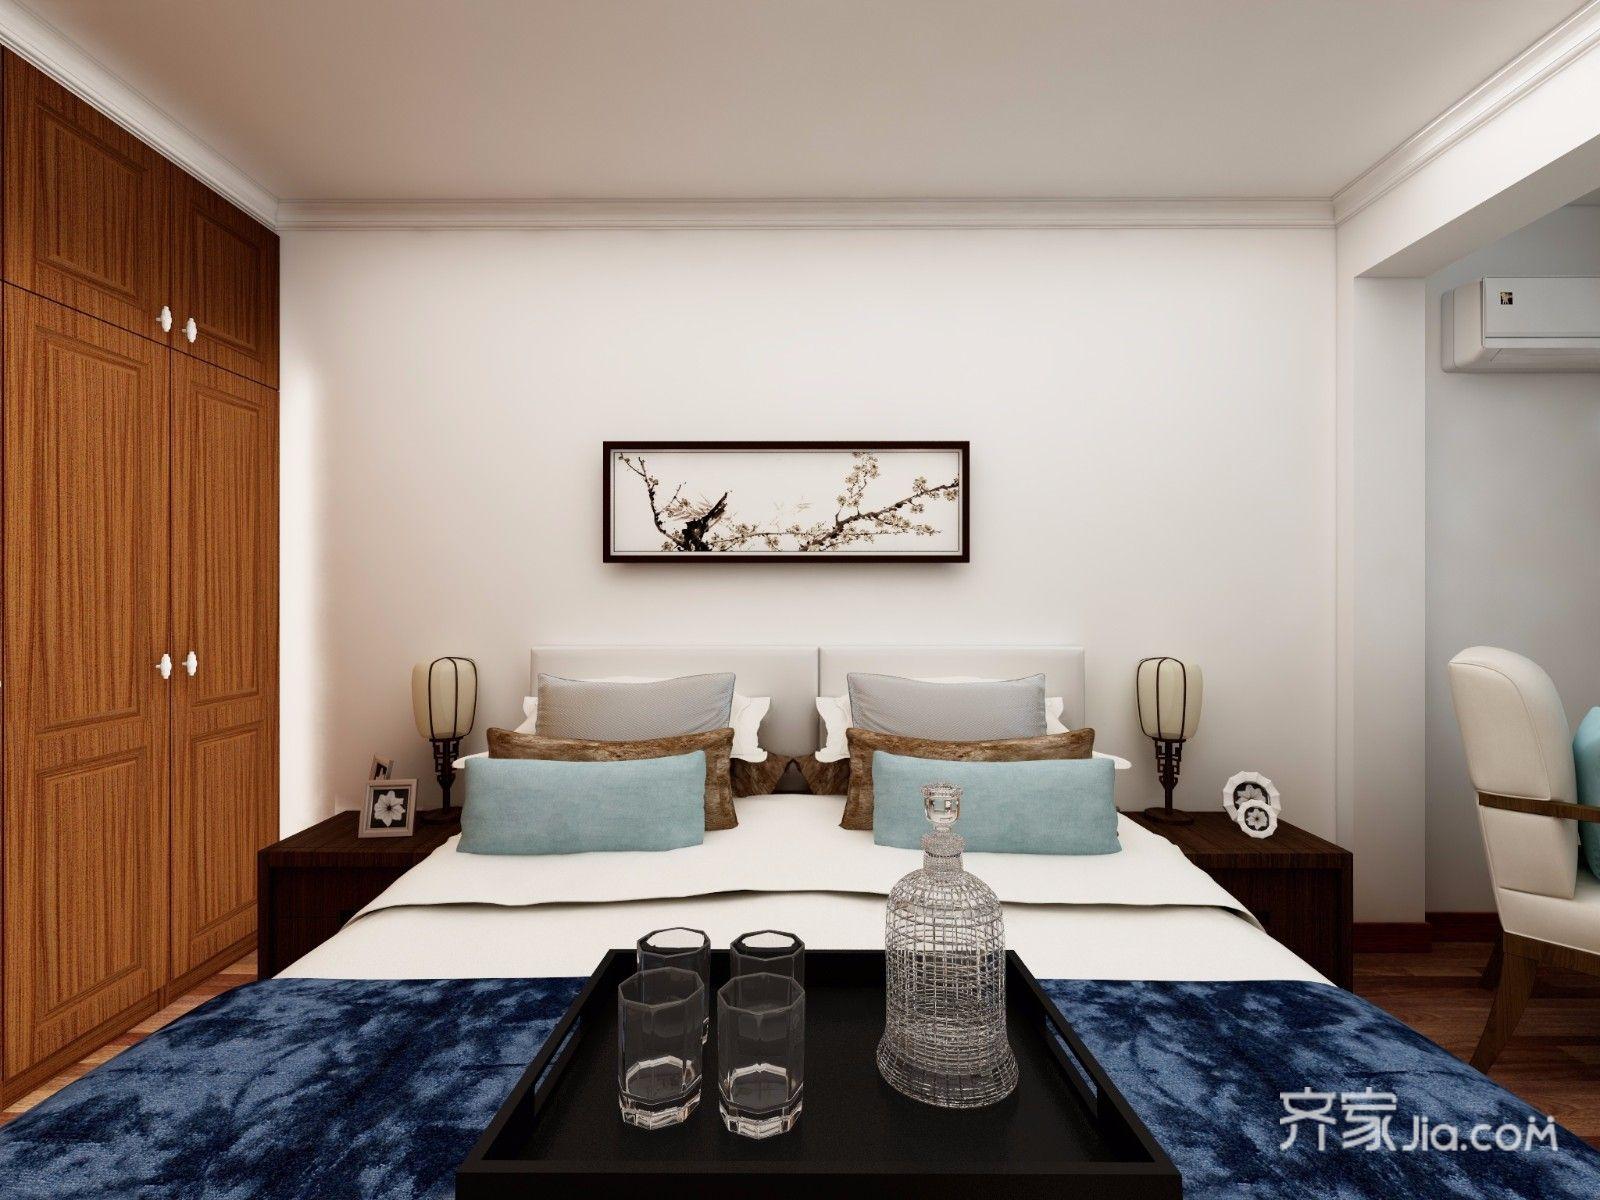 128平中式风格三居卧室背景墙装修效果图